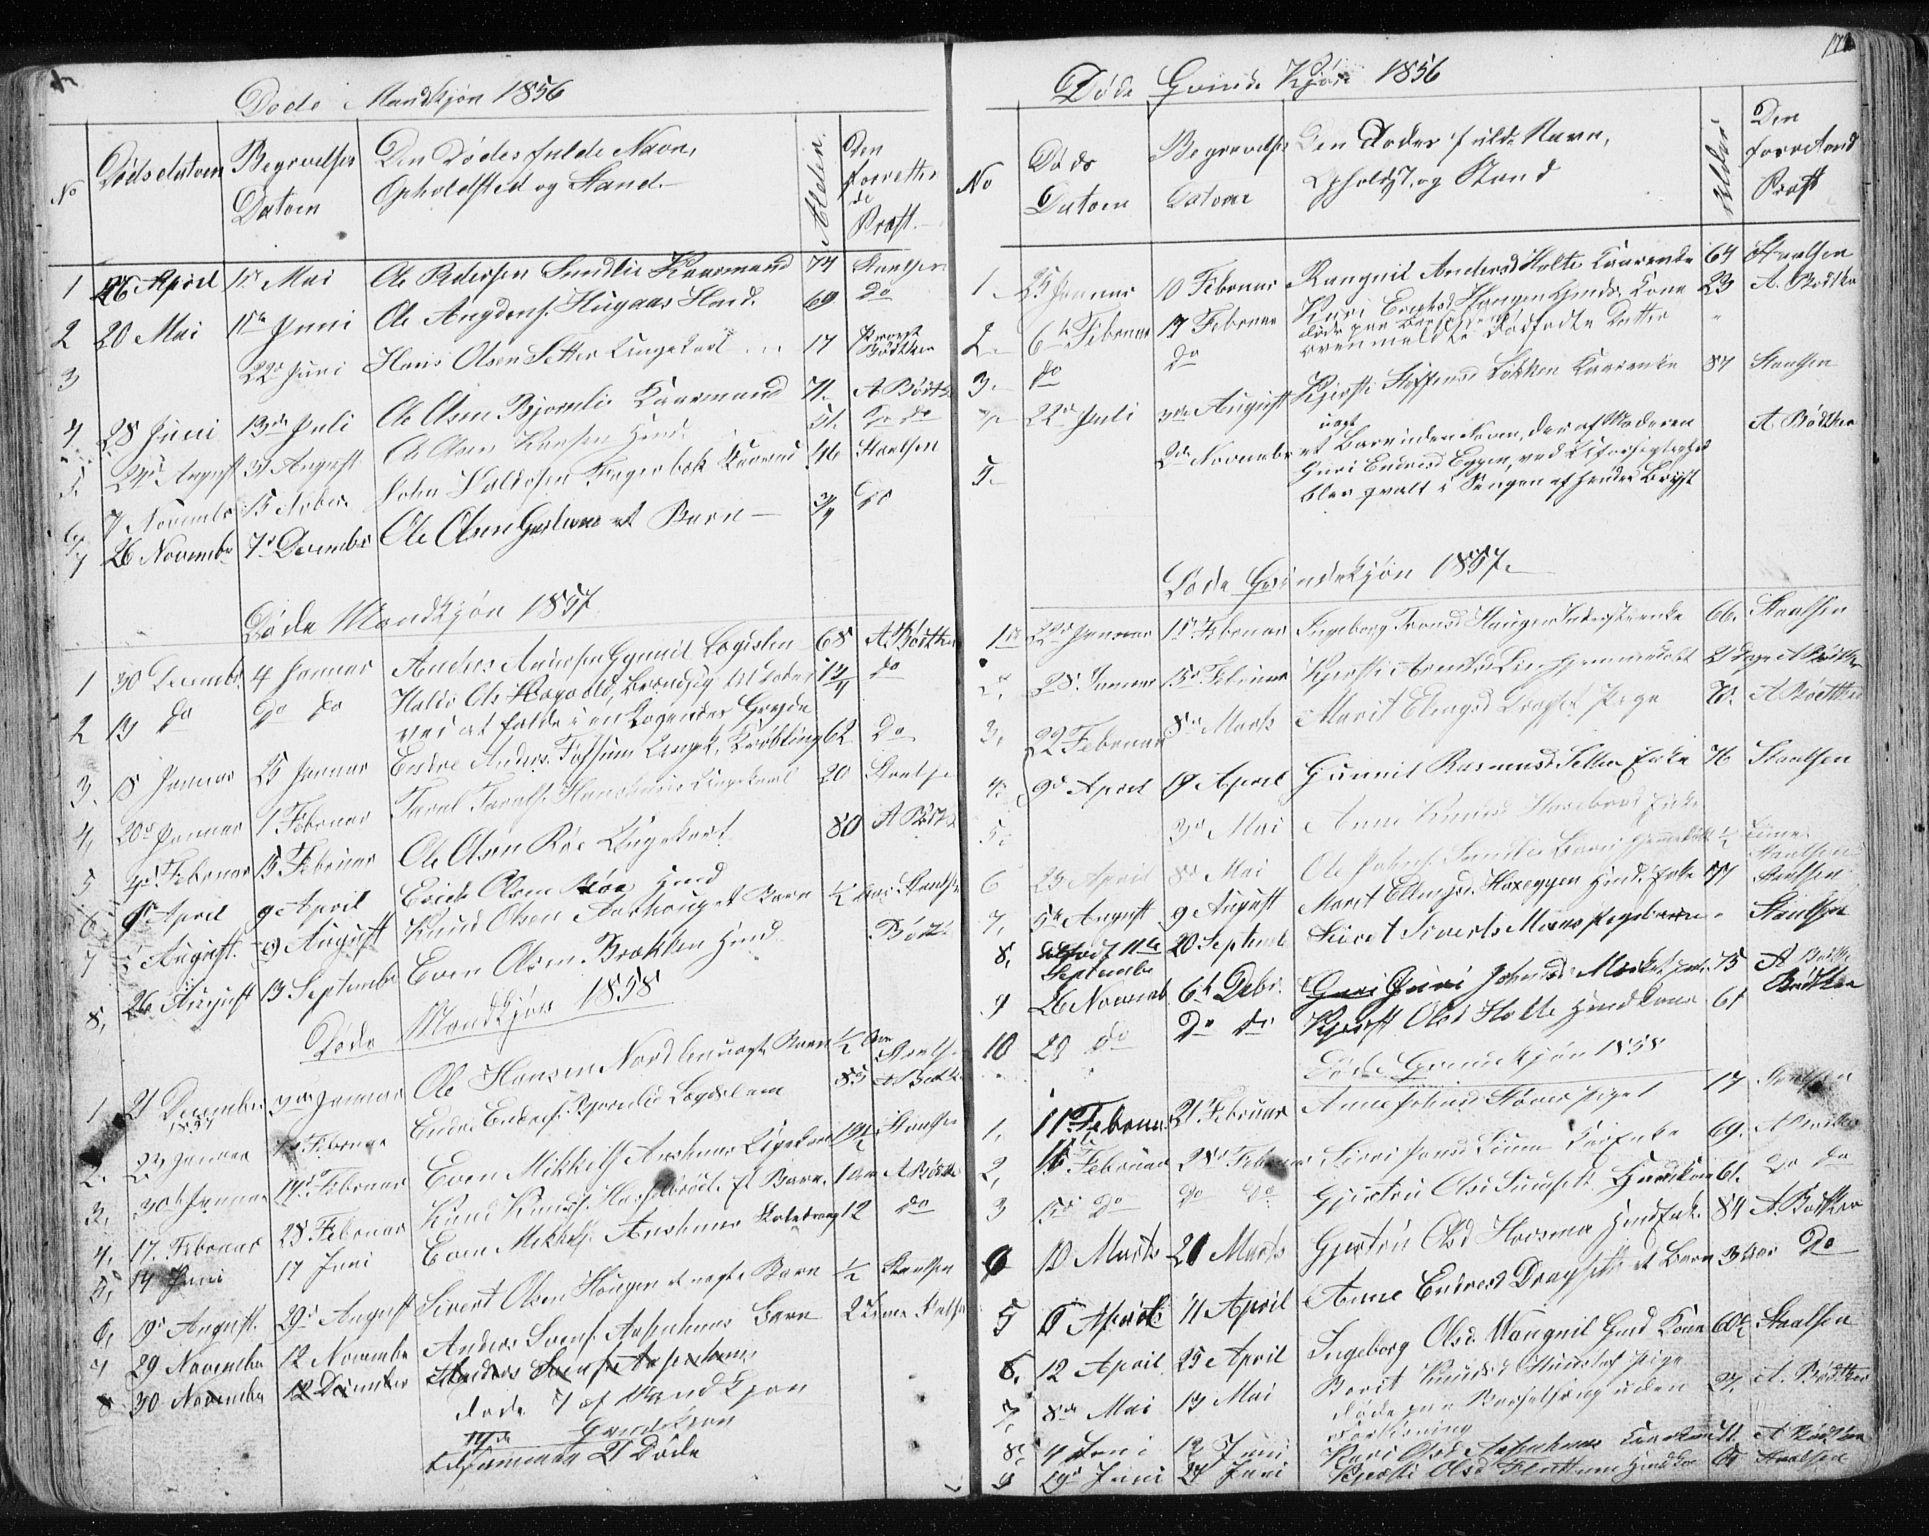 SAT, Ministerialprotokoller, klokkerbøker og fødselsregistre - Sør-Trøndelag, 689/L1043: Klokkerbok nr. 689C02, 1816-1892, s. 172